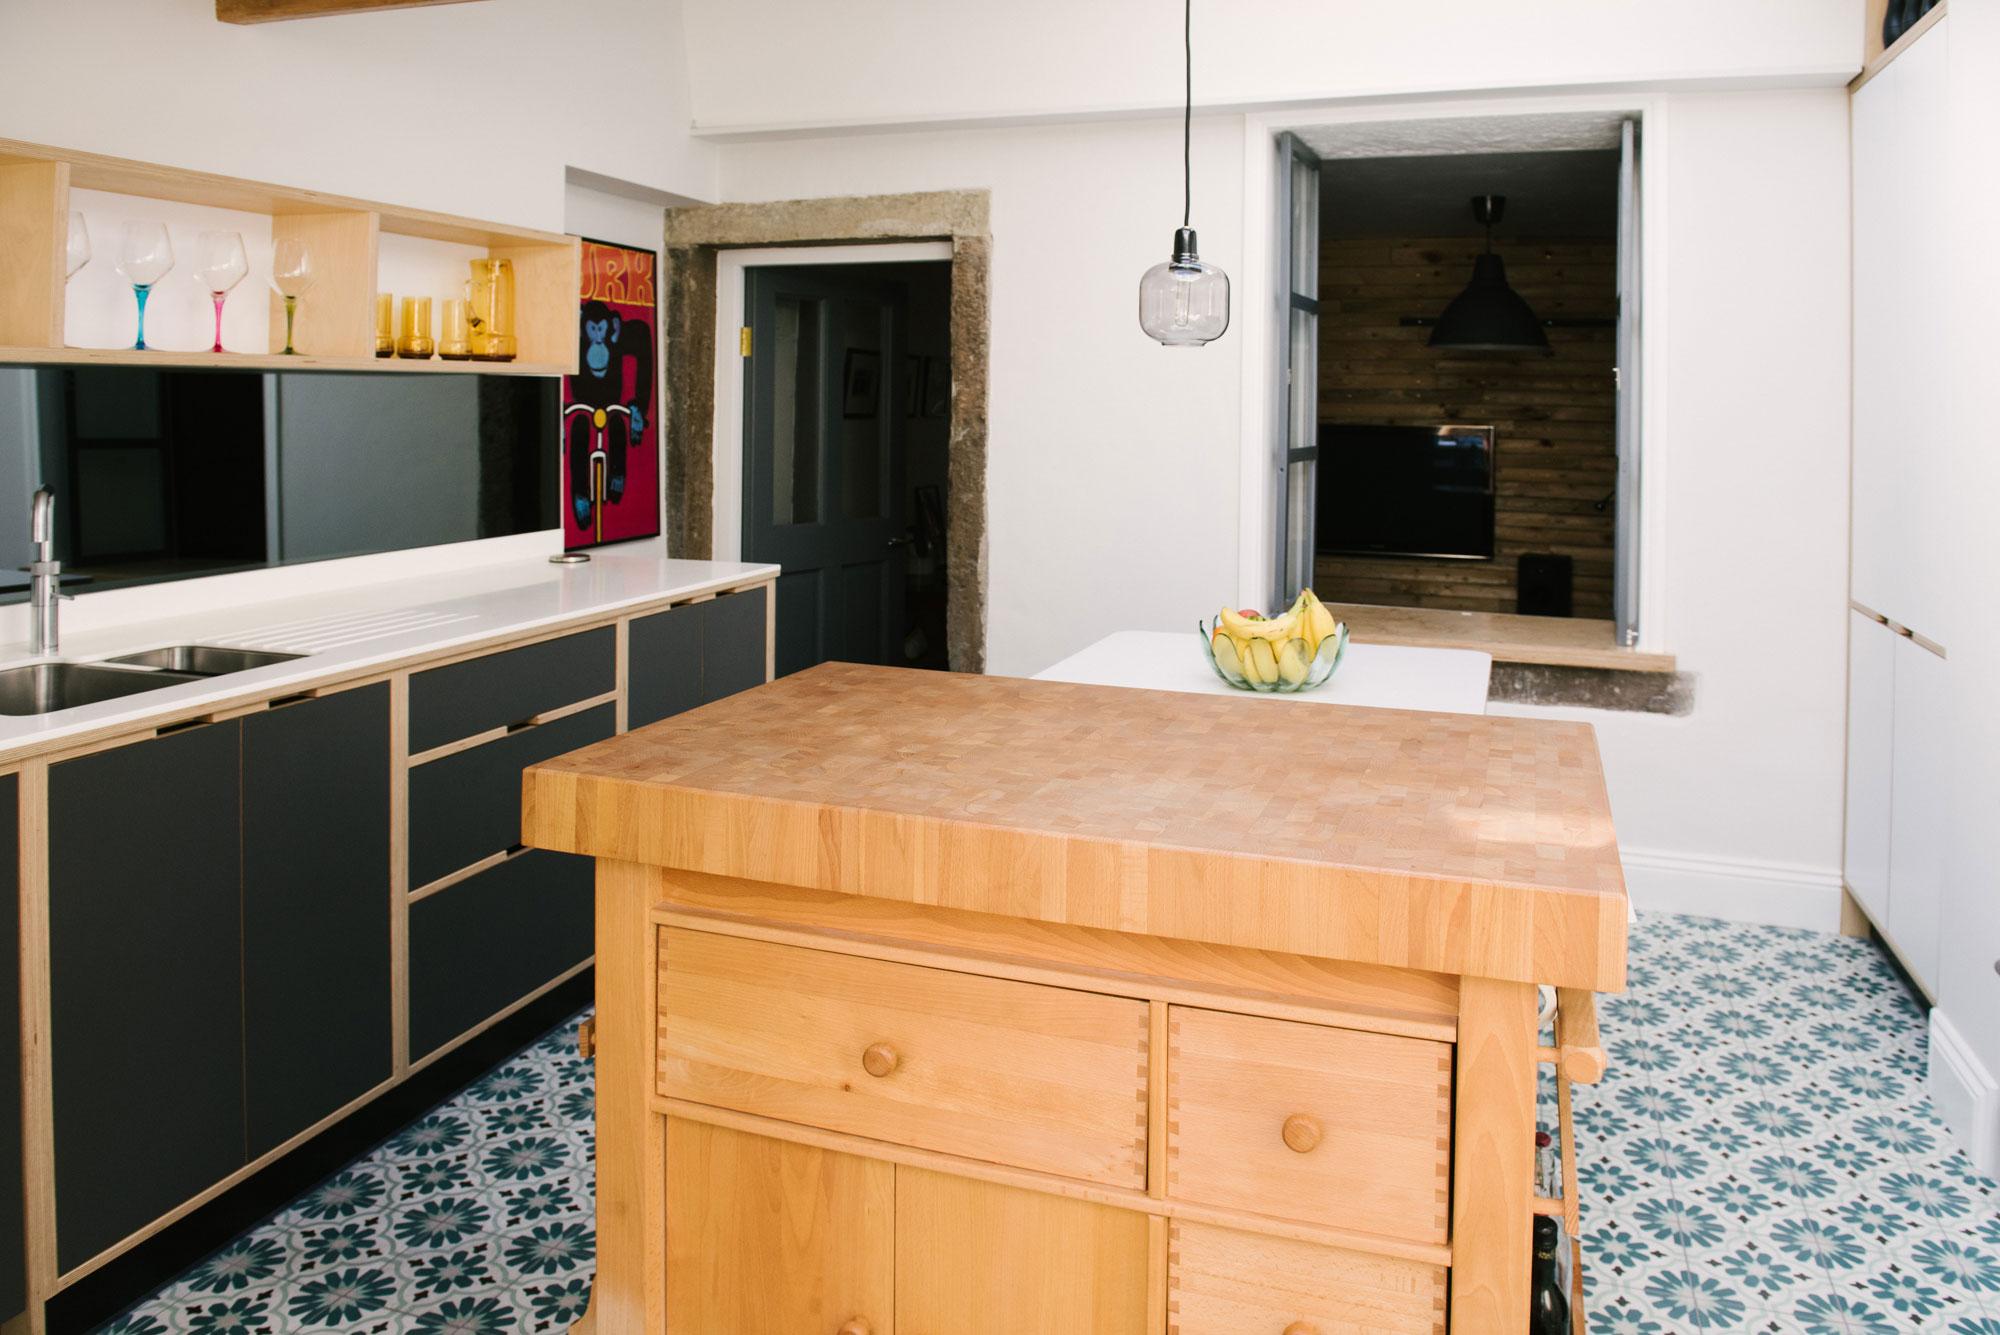 Monochrome plywood kitchen scheme